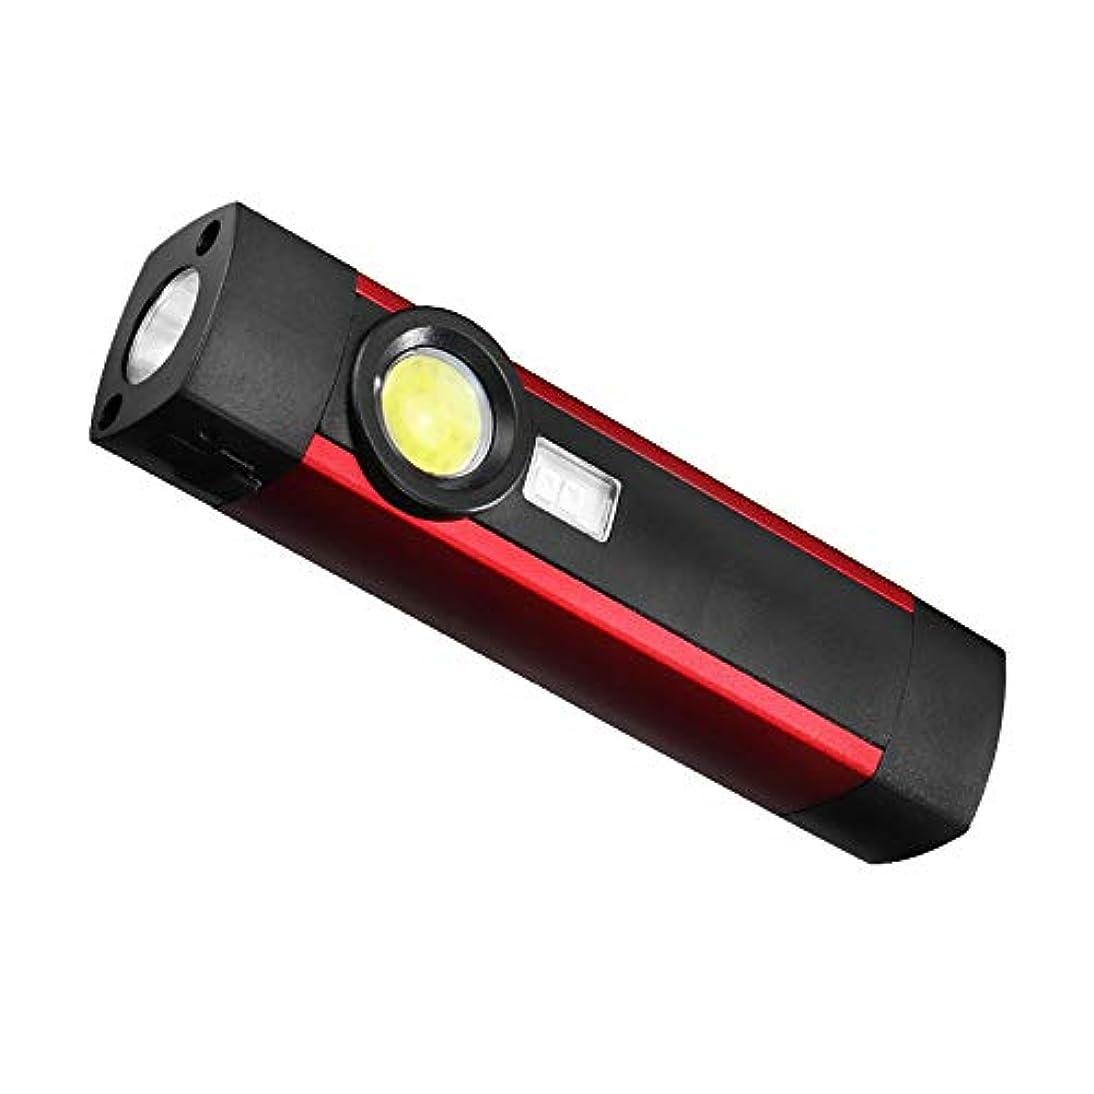 対処する写真を撮るの中でLEDトーチ、 ハンドヘルドLED懐中電灯、 4つのライトモードで、 USB充電式および防水、 スーパーブライト500ルーメン、 アウトドアキャンプ用緊急ウォーキングハイキングクライミング